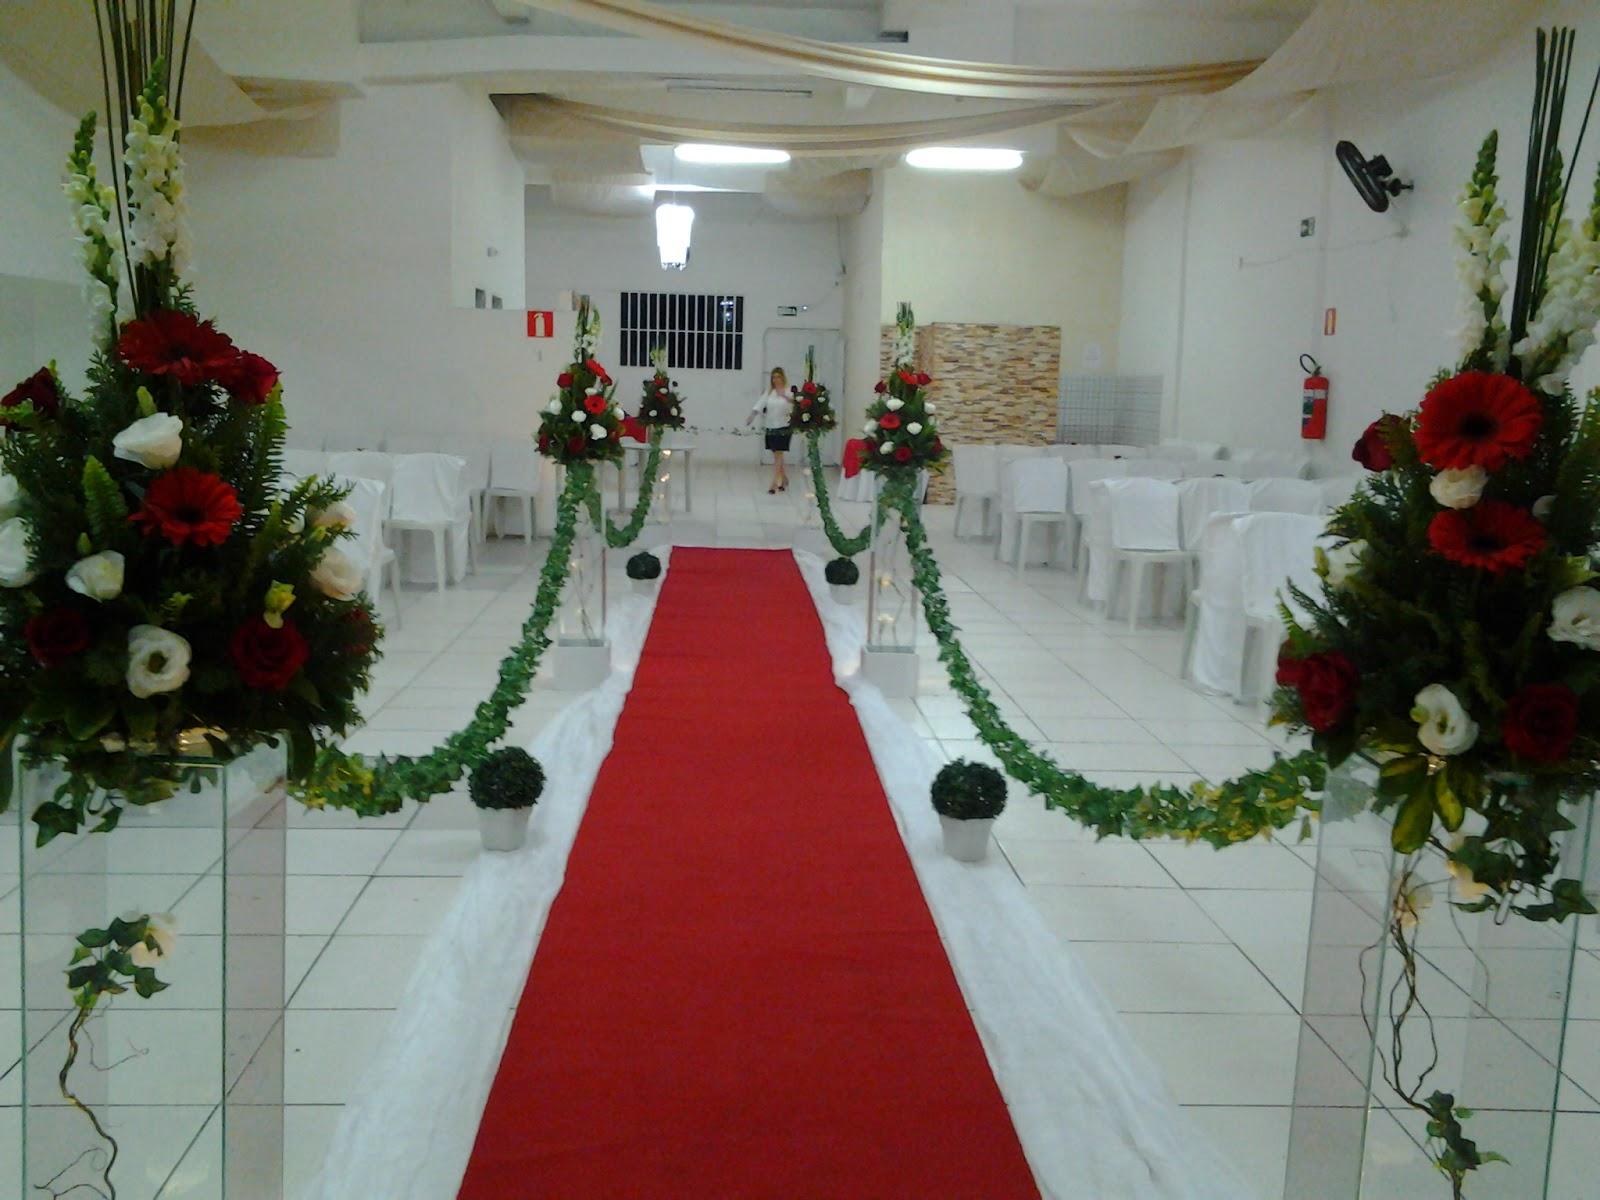 Decoraç u00e3o para Casamento Vermelho e Branco 18 05 2013 -> Decoração De Casamento Simples Vermelho E Branco